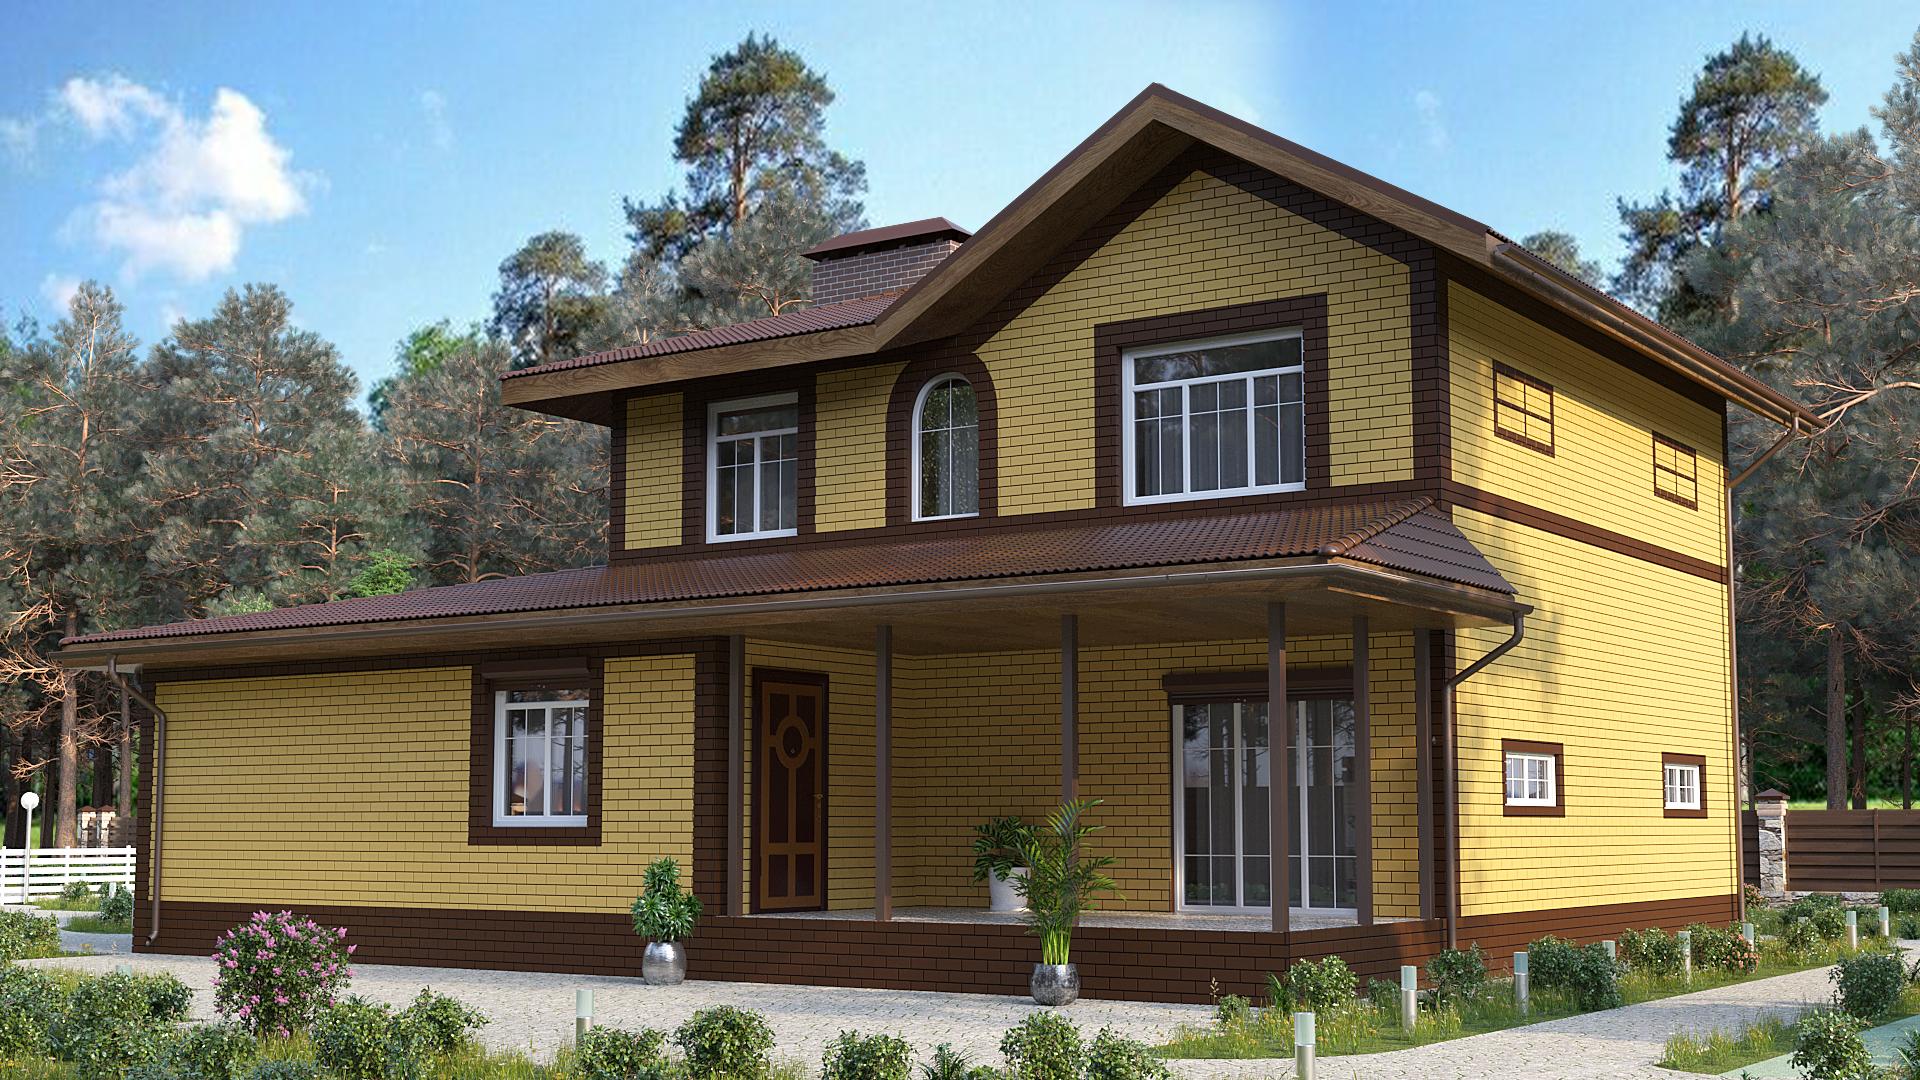 Готовый проект дома 109 кв.м // Артикул АЛ-183 фасад